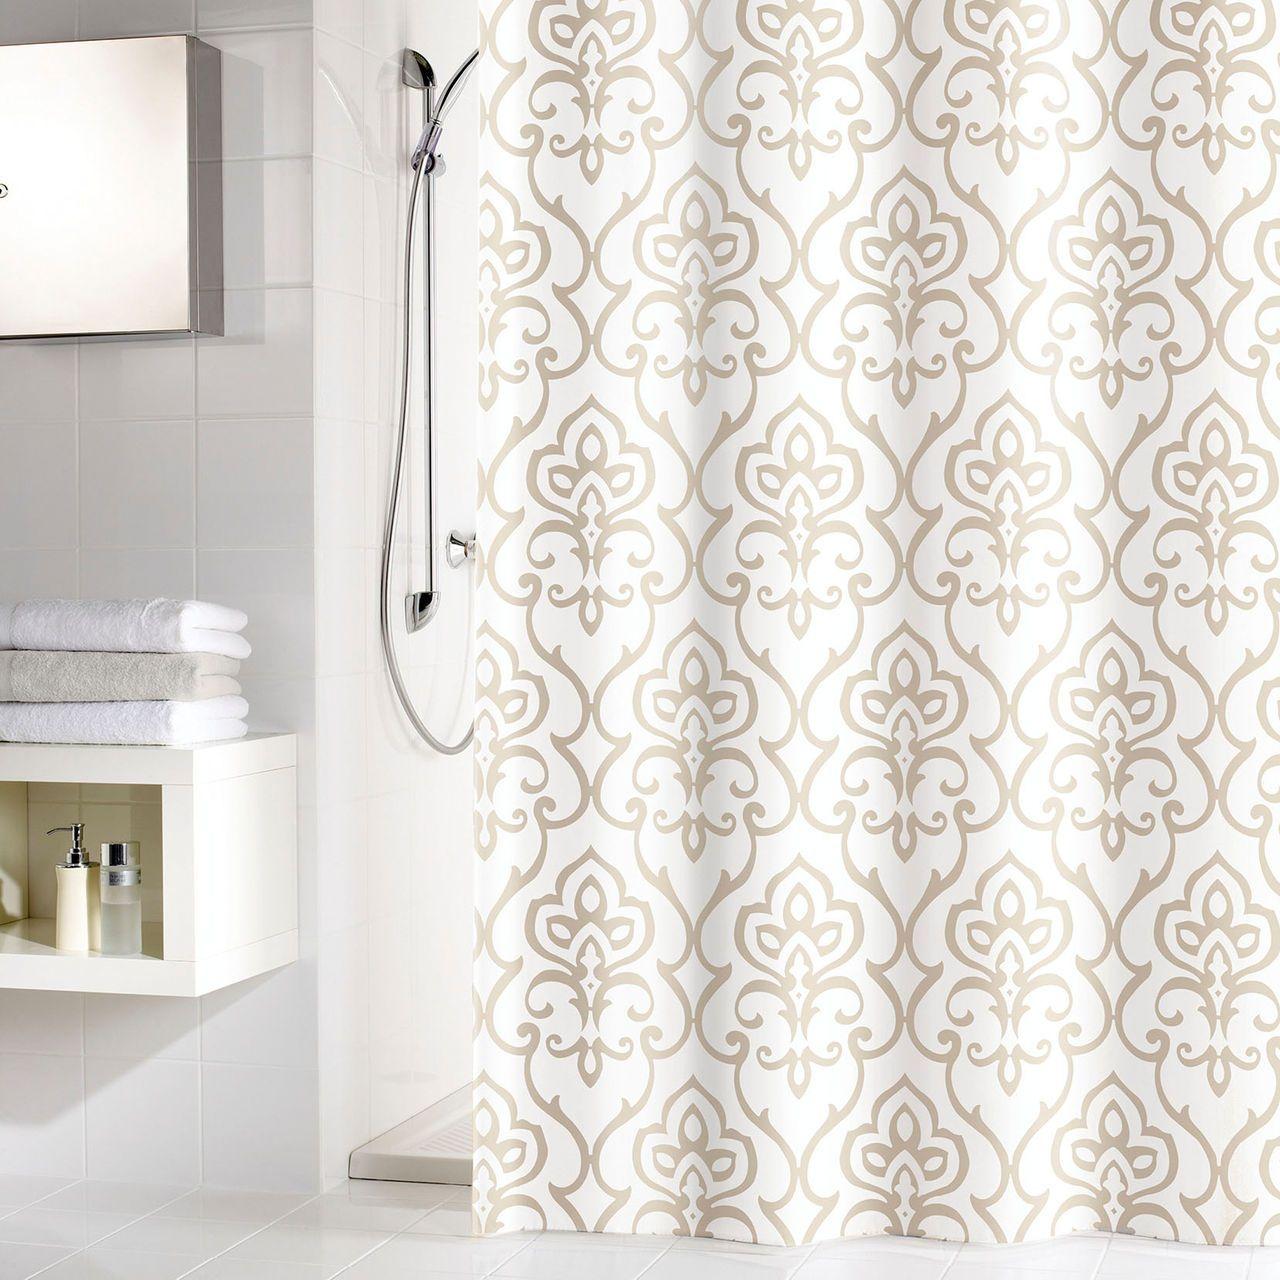 duschvorhang designed von barbara becker kleine wolke bad wellness pinterest. Black Bedroom Furniture Sets. Home Design Ideas